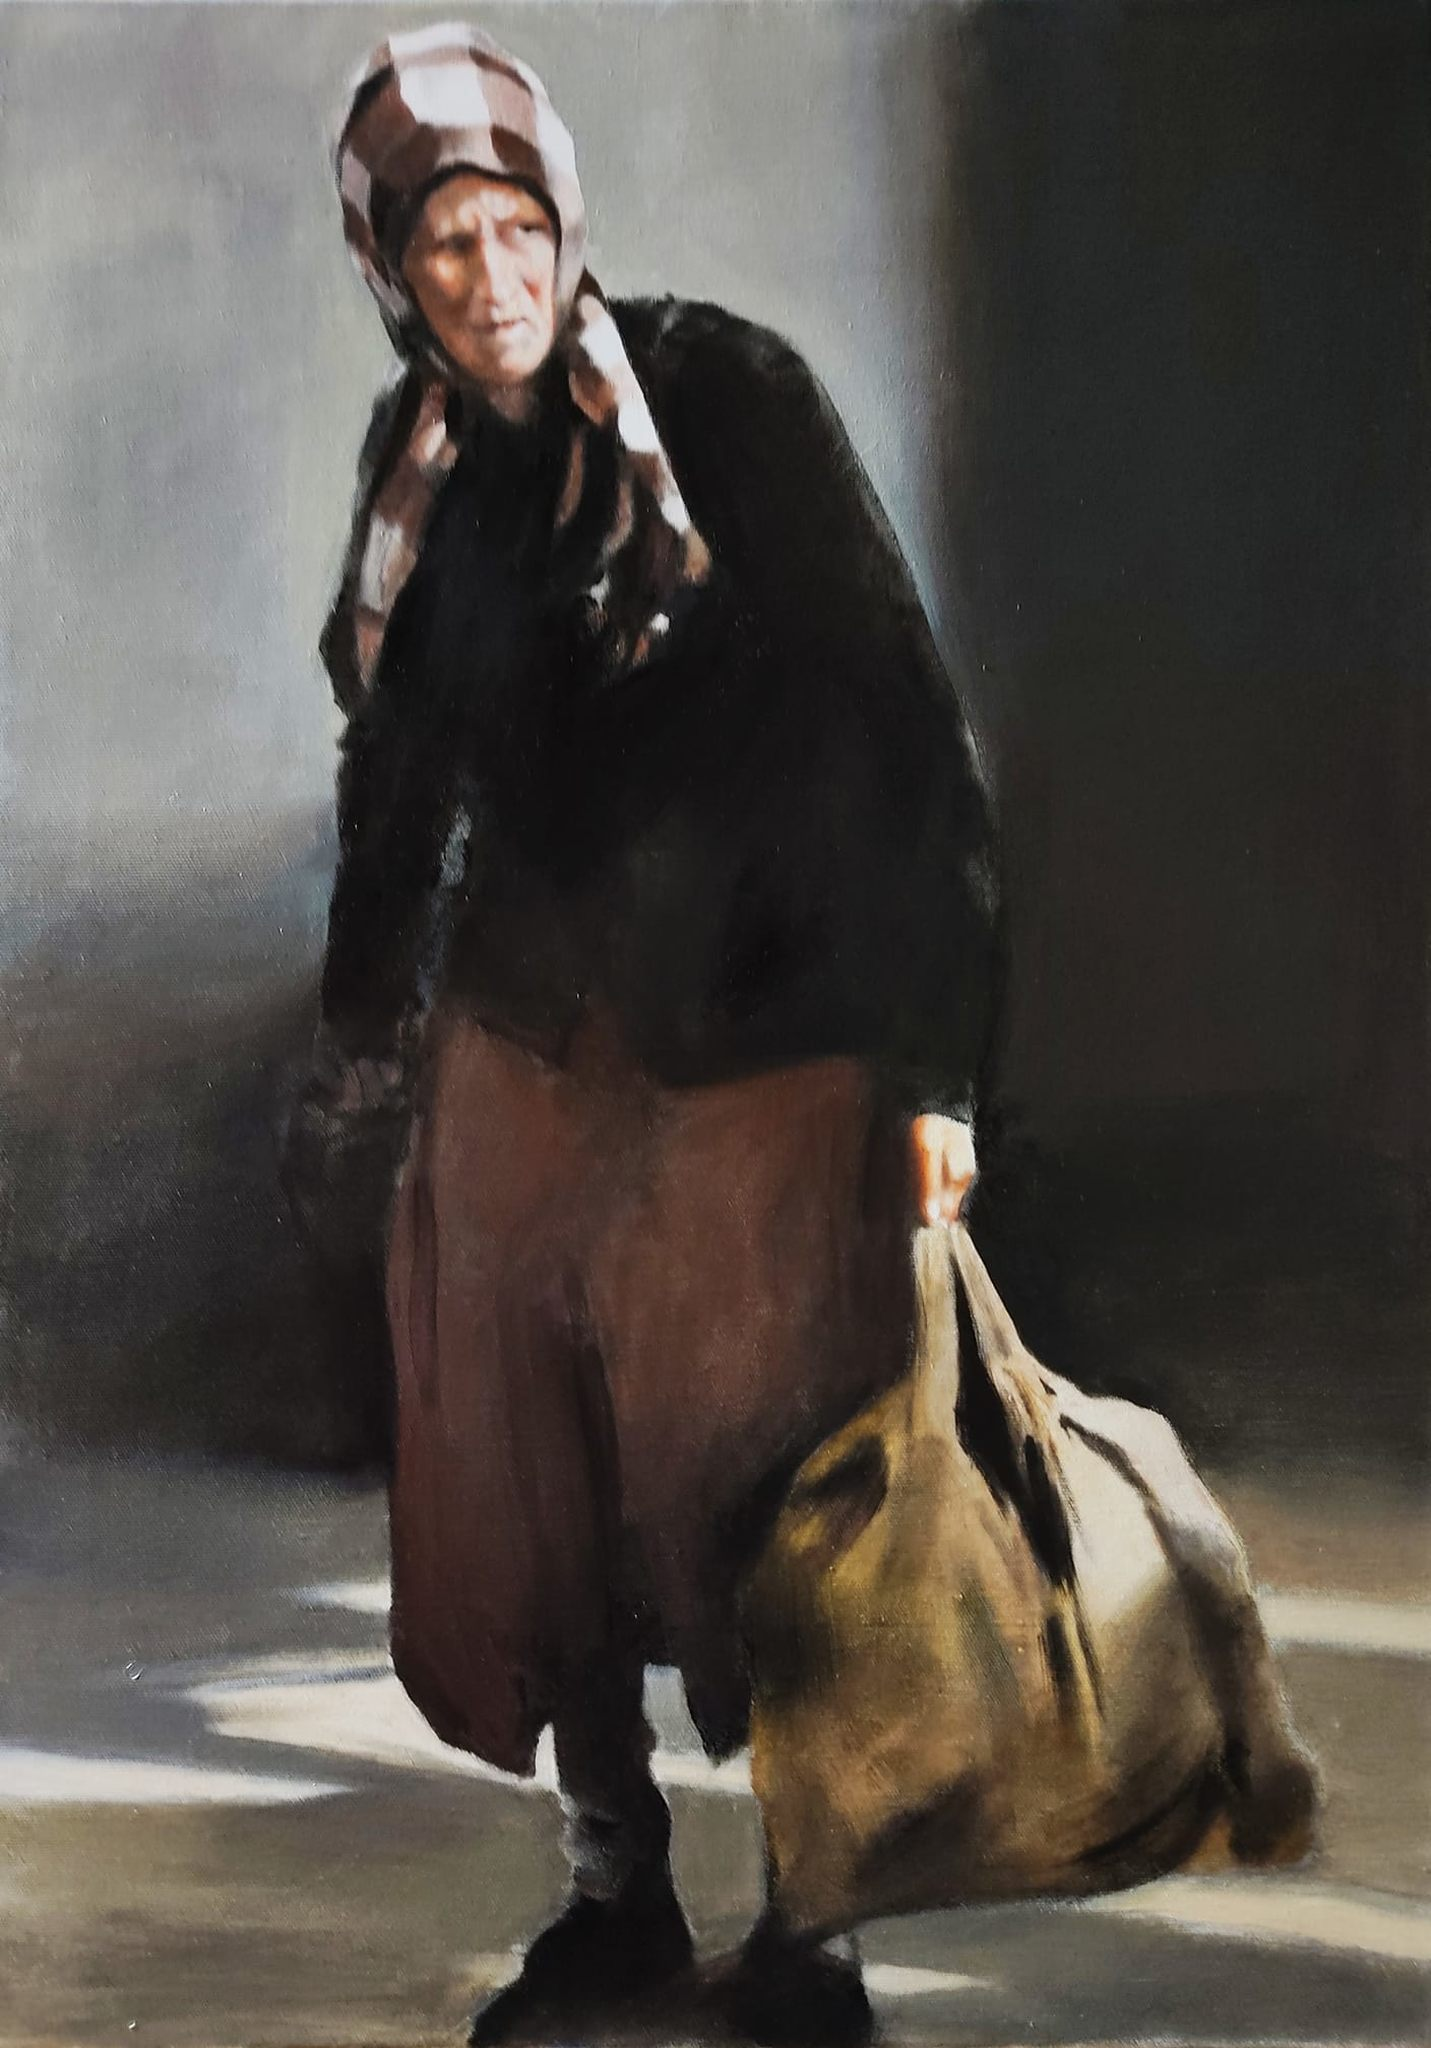 Bagaż, 2021